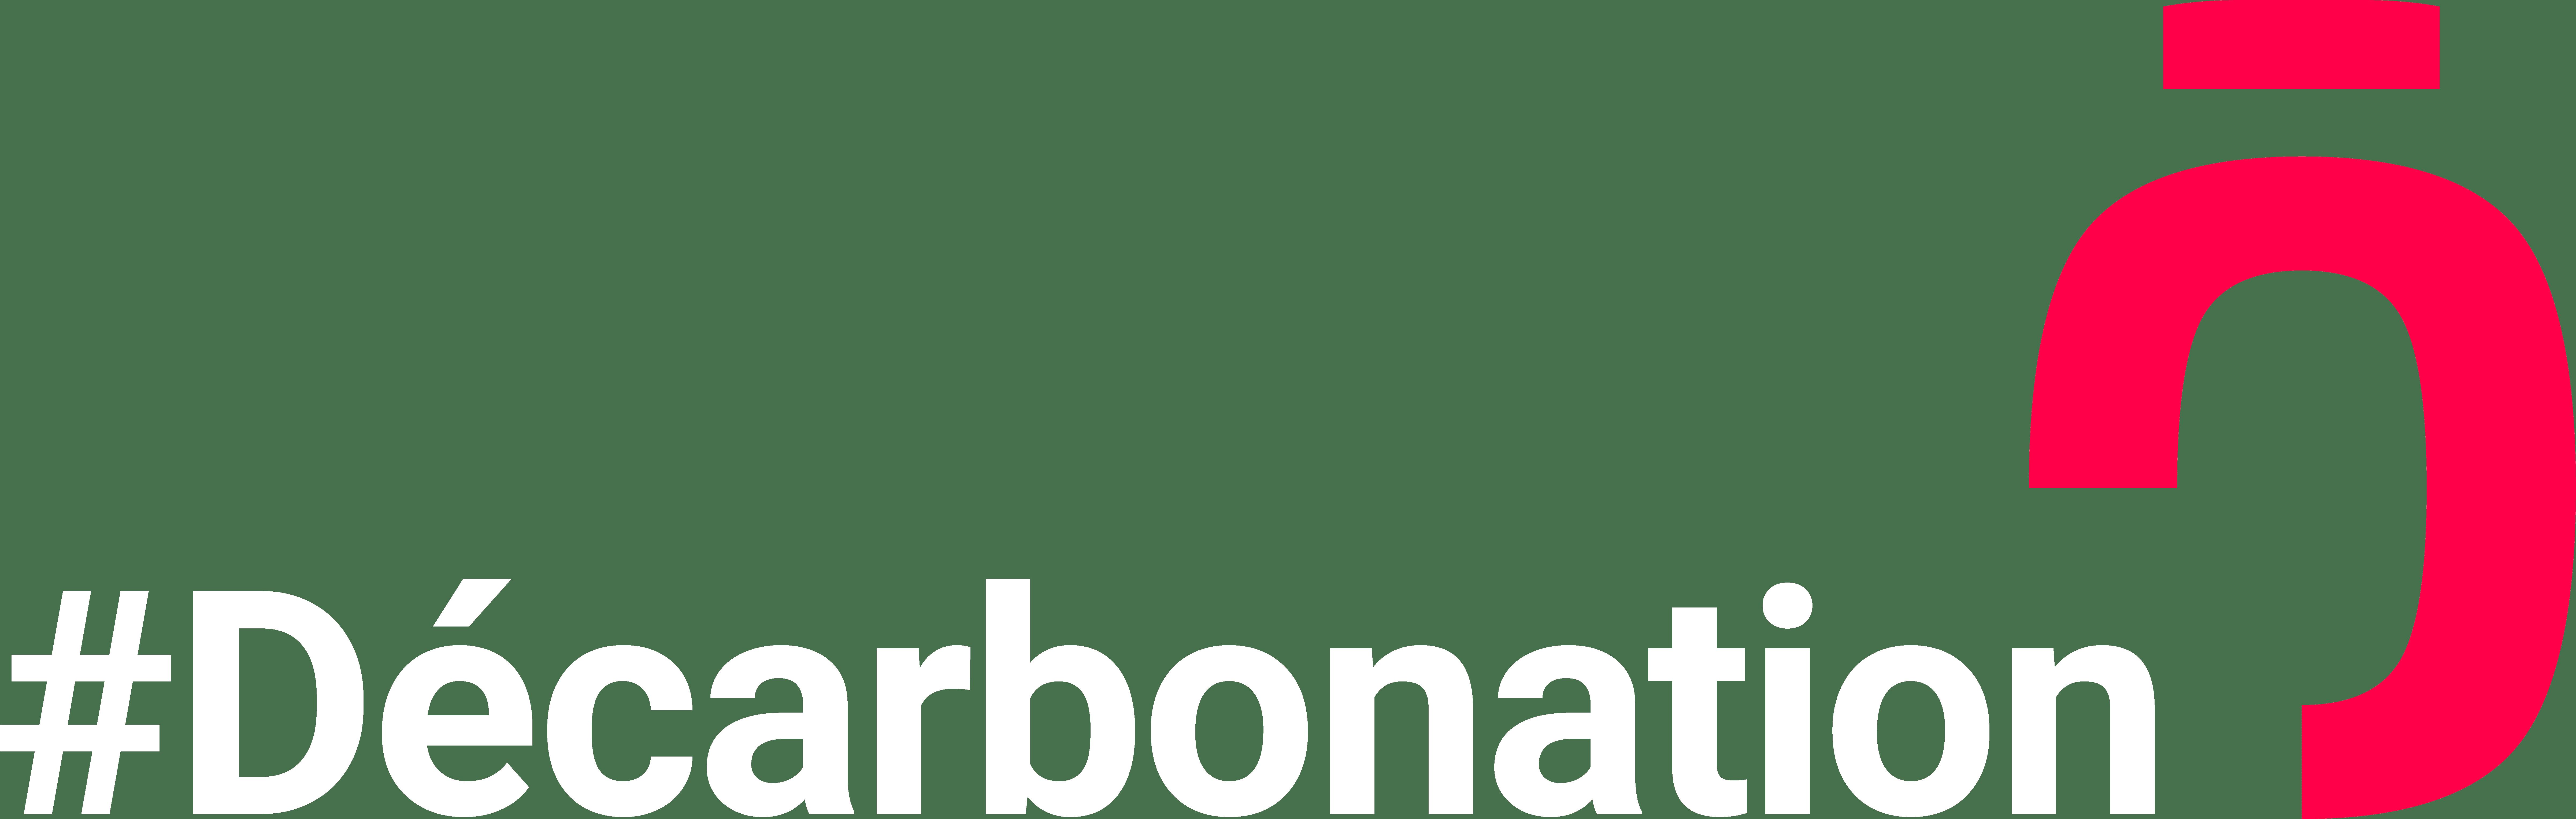 DECARBONATION